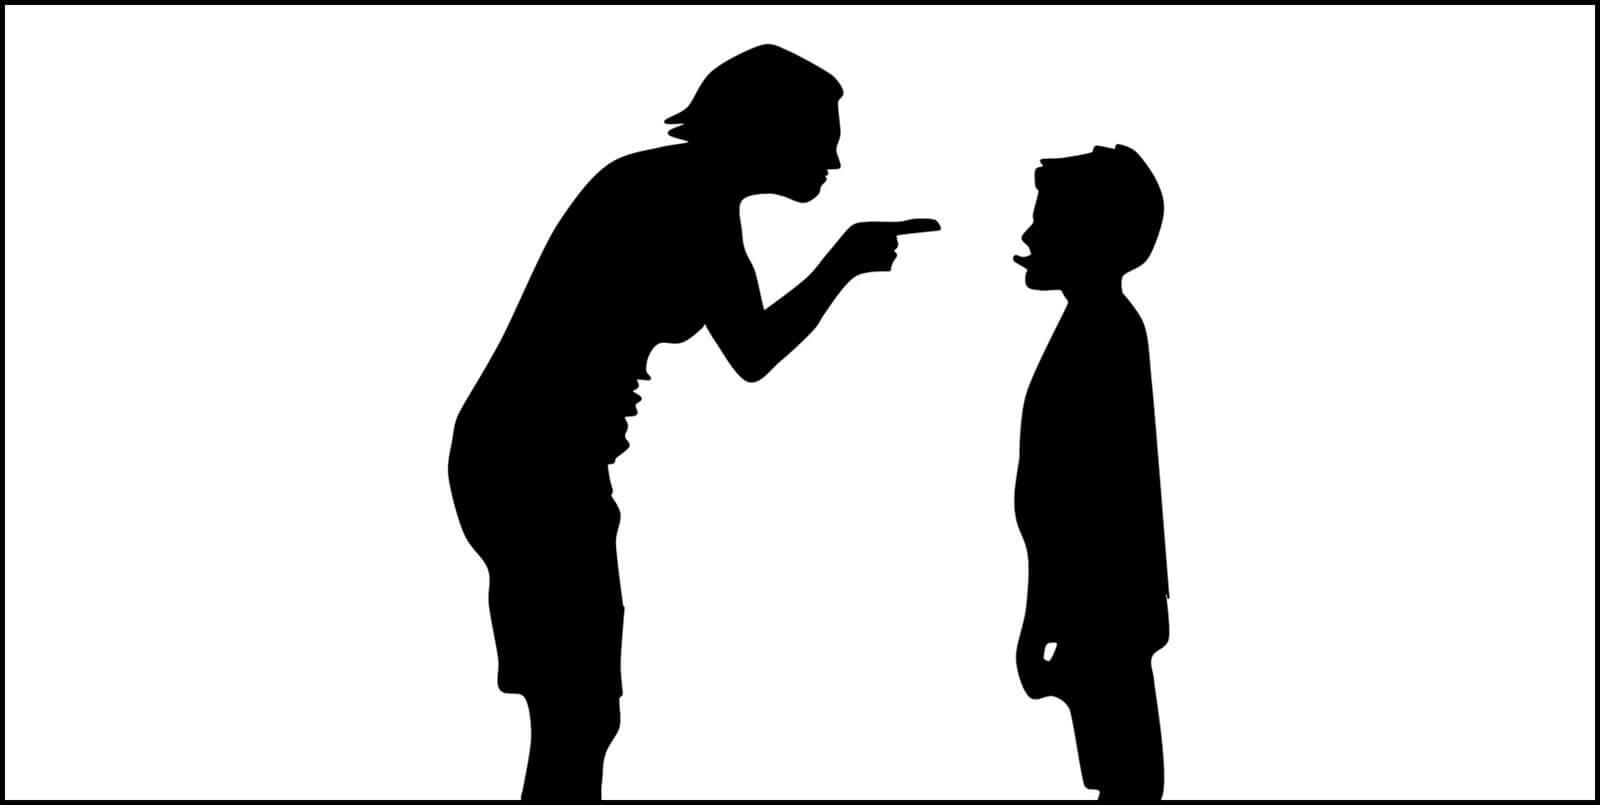 Silhueta de adulto a advertir criança com língua de fora.